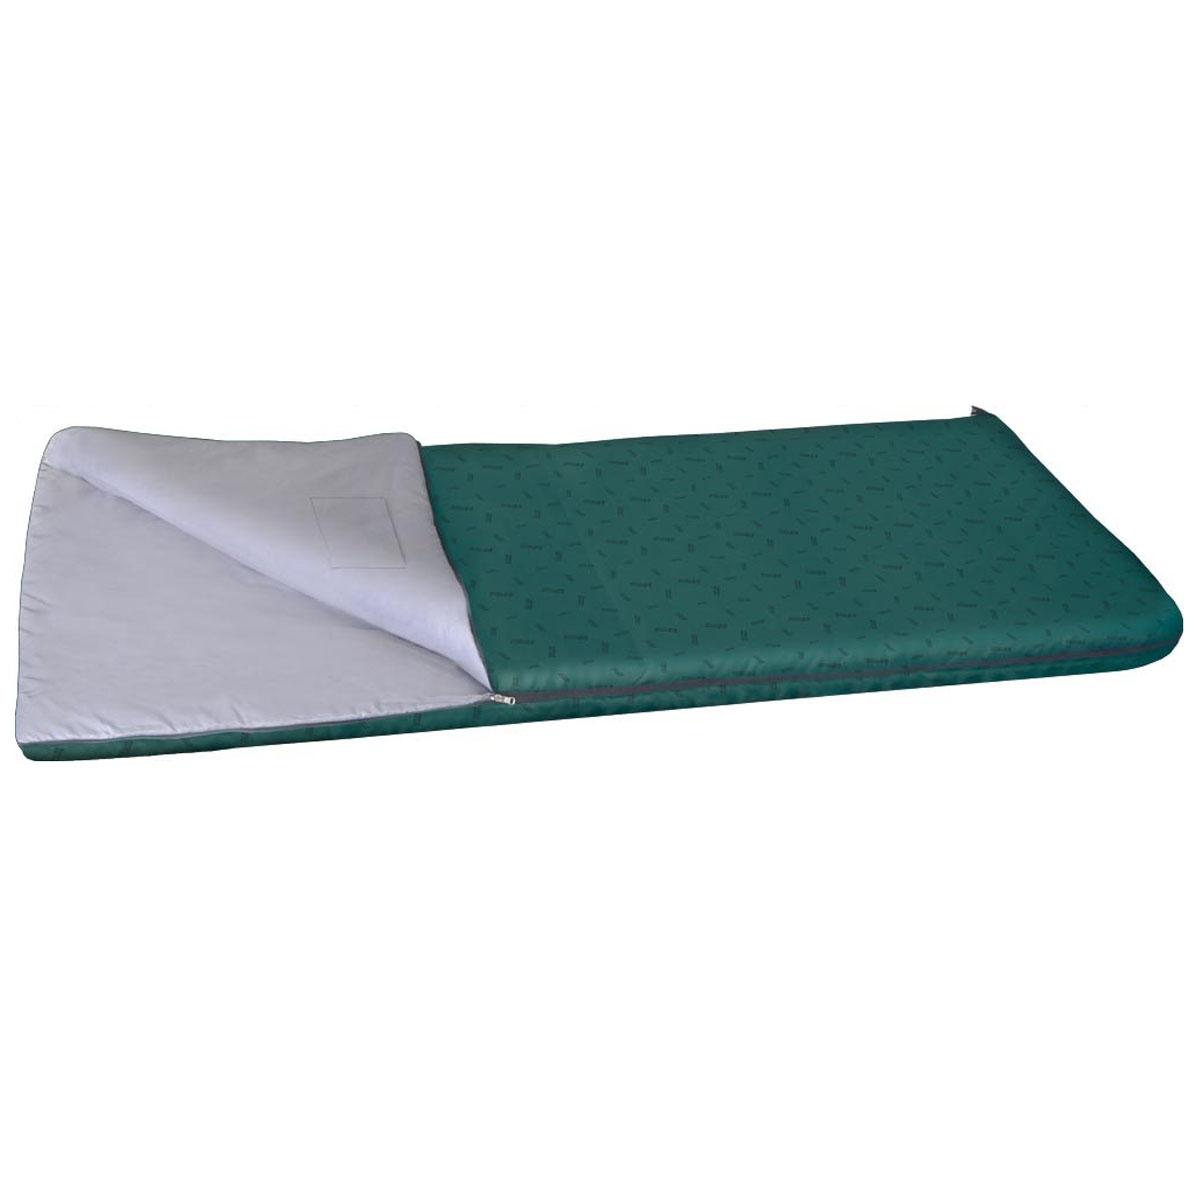 Спальный мешок-одеяло Nova Tour Валдай 300, цвет: нави, левосторонняя молния. 95210-306-0095210-306-00Спальный мешок Валдай 300 - это ваш первый спальник, отличный вариант для начинающего туриста. Если вам трудно определиться с условиями, в которых будет использоваться спальник, то Валдай 300 именно тот вариант, универсальный, недорогой и надежный. Купив спальный мешок Валдай 300, вы получаете полноценный отдых без особых материальных затрат. Температурные характеристики этого спальника предполагают его использование в теплое время года. Два слоя новейшего утеплителя улучшенной серии Thermofibre-S-Pro, легкая ткань верха Polyester 100% и отсутствие дополнительного подголовника обеспечили низкий вес спальника Валдай 300 и небольшие размеры в свернутом виде. Спальник компактно упаковывается в компрессионный мешок.Благодаря двухзамковой молнии, имеется возможность состегнуть два спальника в один двойной,для совместного, еще более комфортногоотдыха.Ткань верха: Polyester 100%.Внутренняя ткань: Polyester 100%.